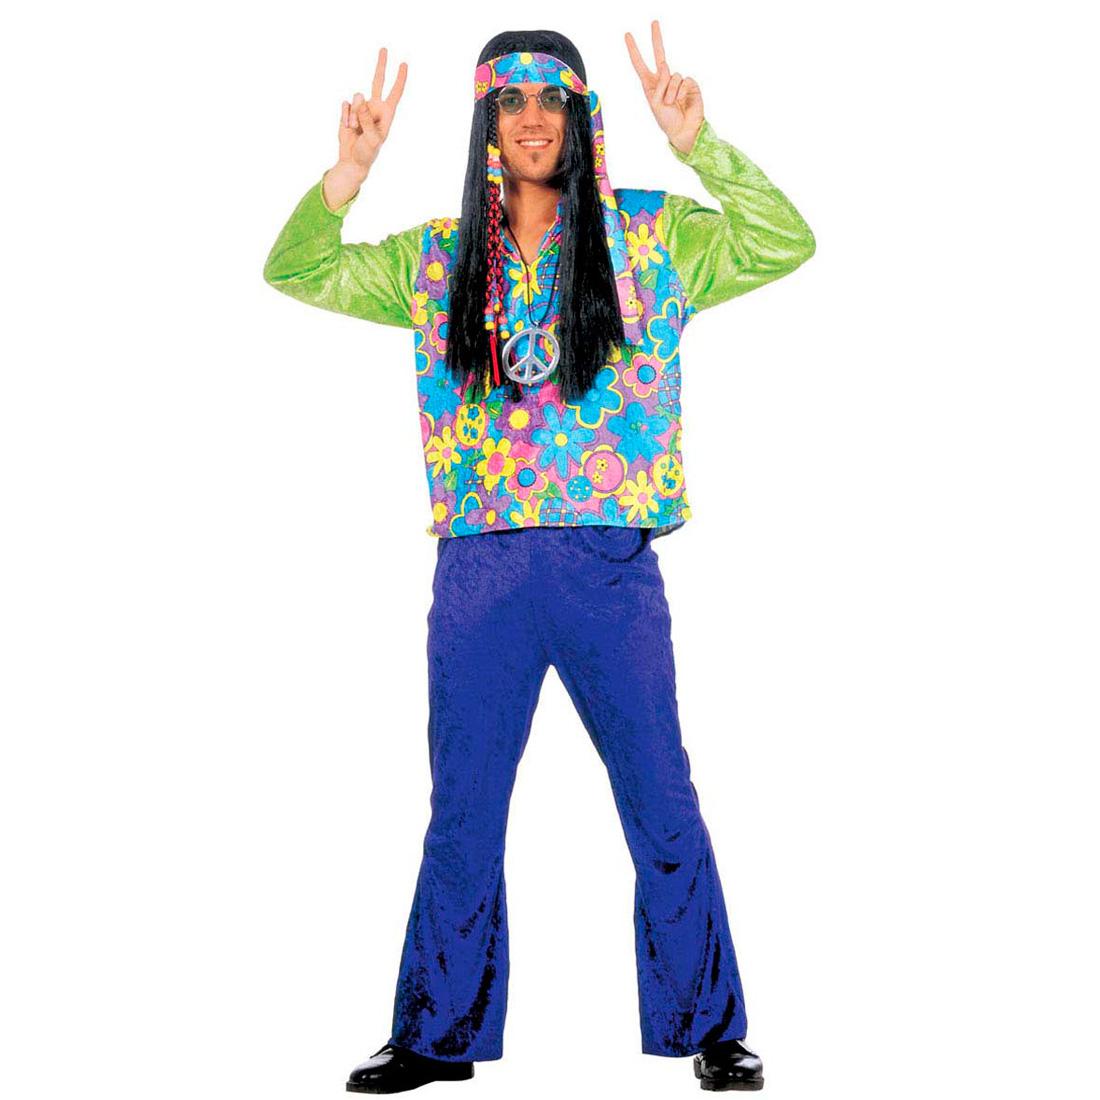 hippie mann kost m hippiekost m flower power gr m 70er jahre herren outfit peace ebay. Black Bedroom Furniture Sets. Home Design Ideas